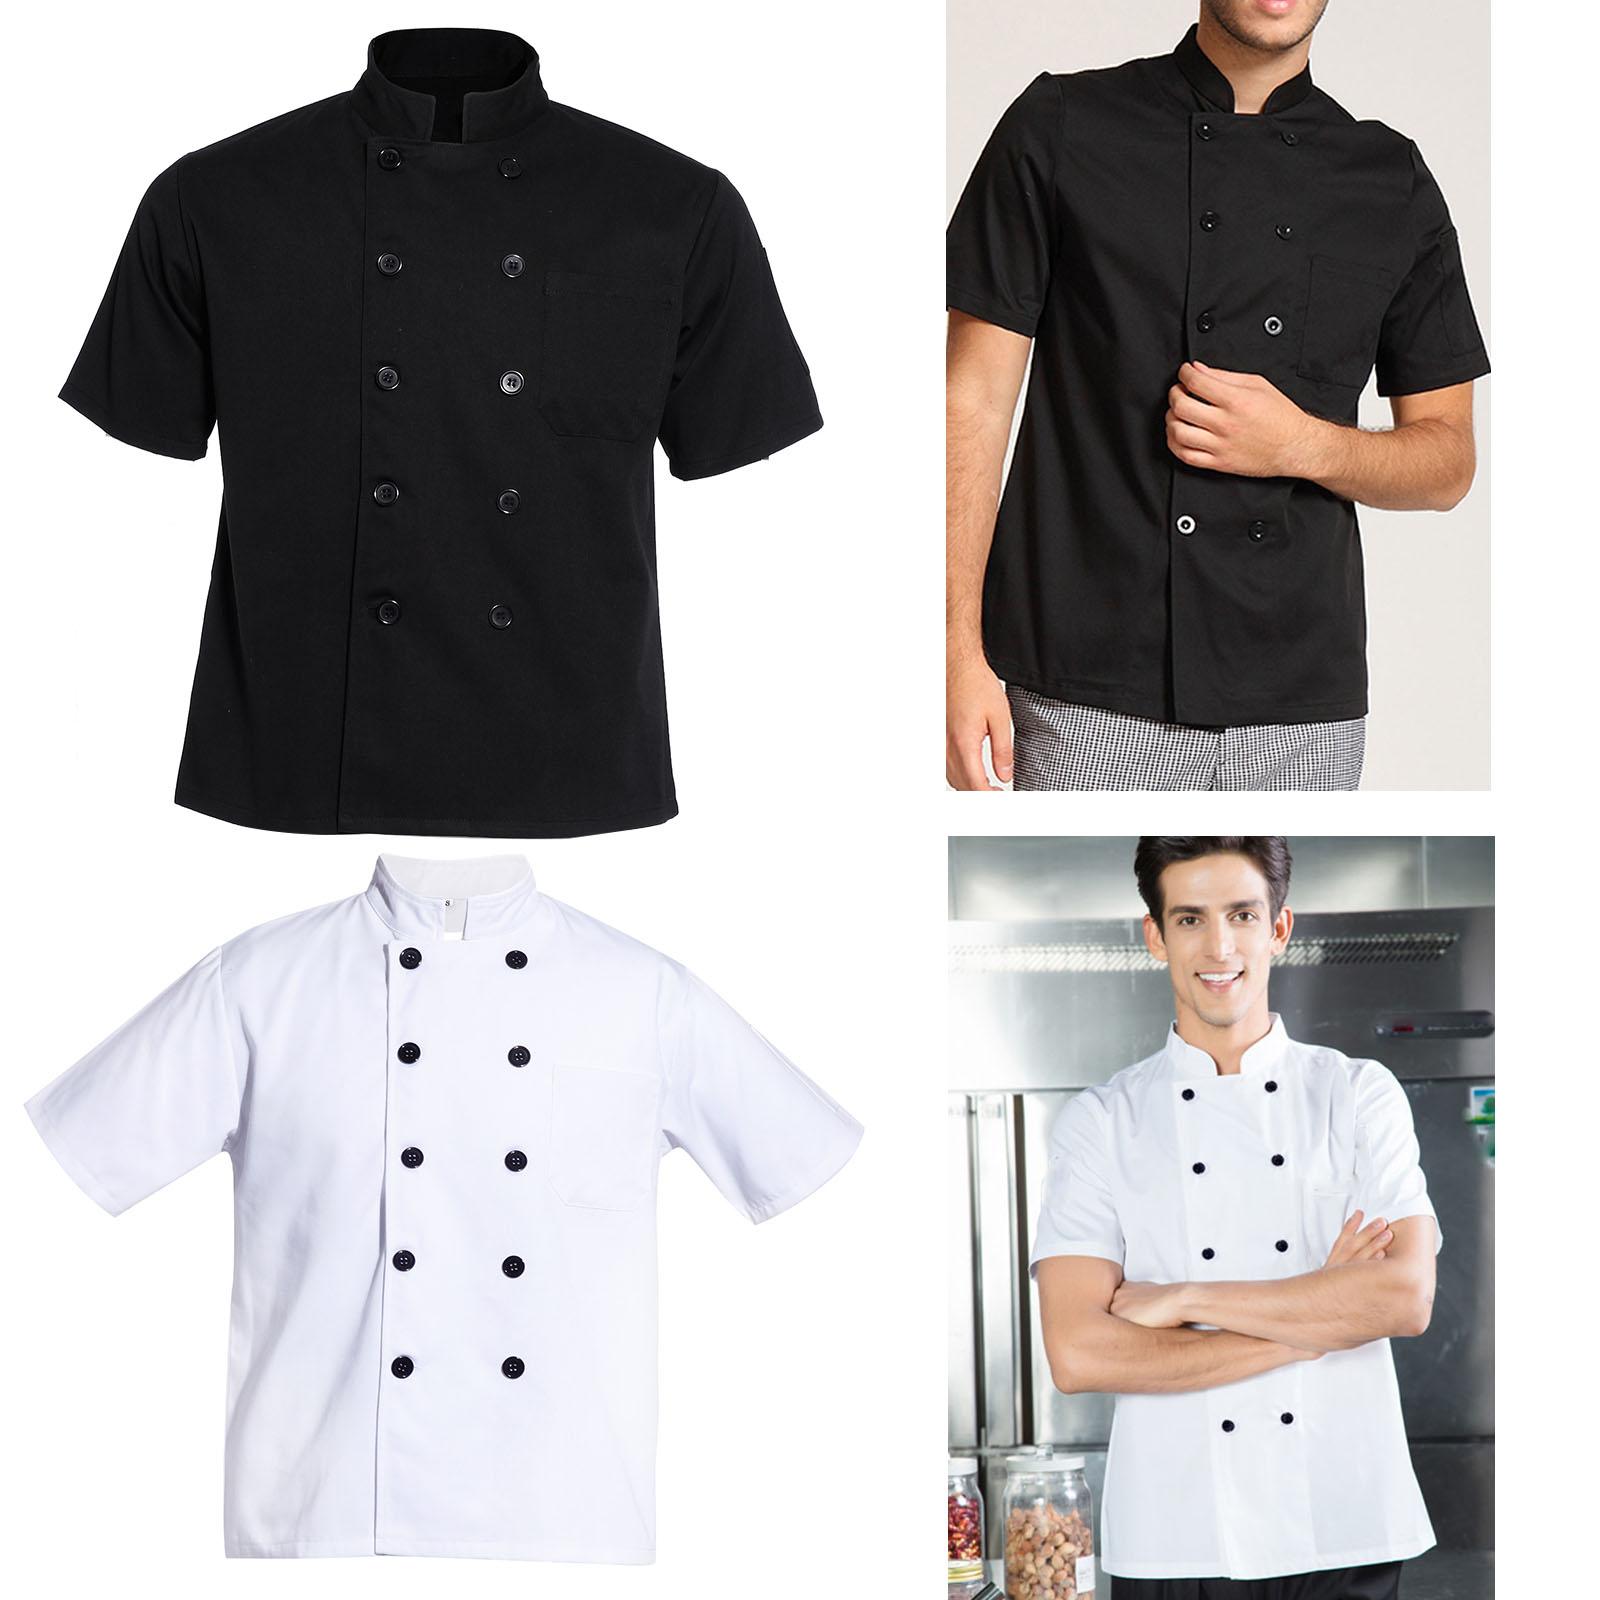 Black White Short Sleeve Chef Jacket Chefs Kitchen Work